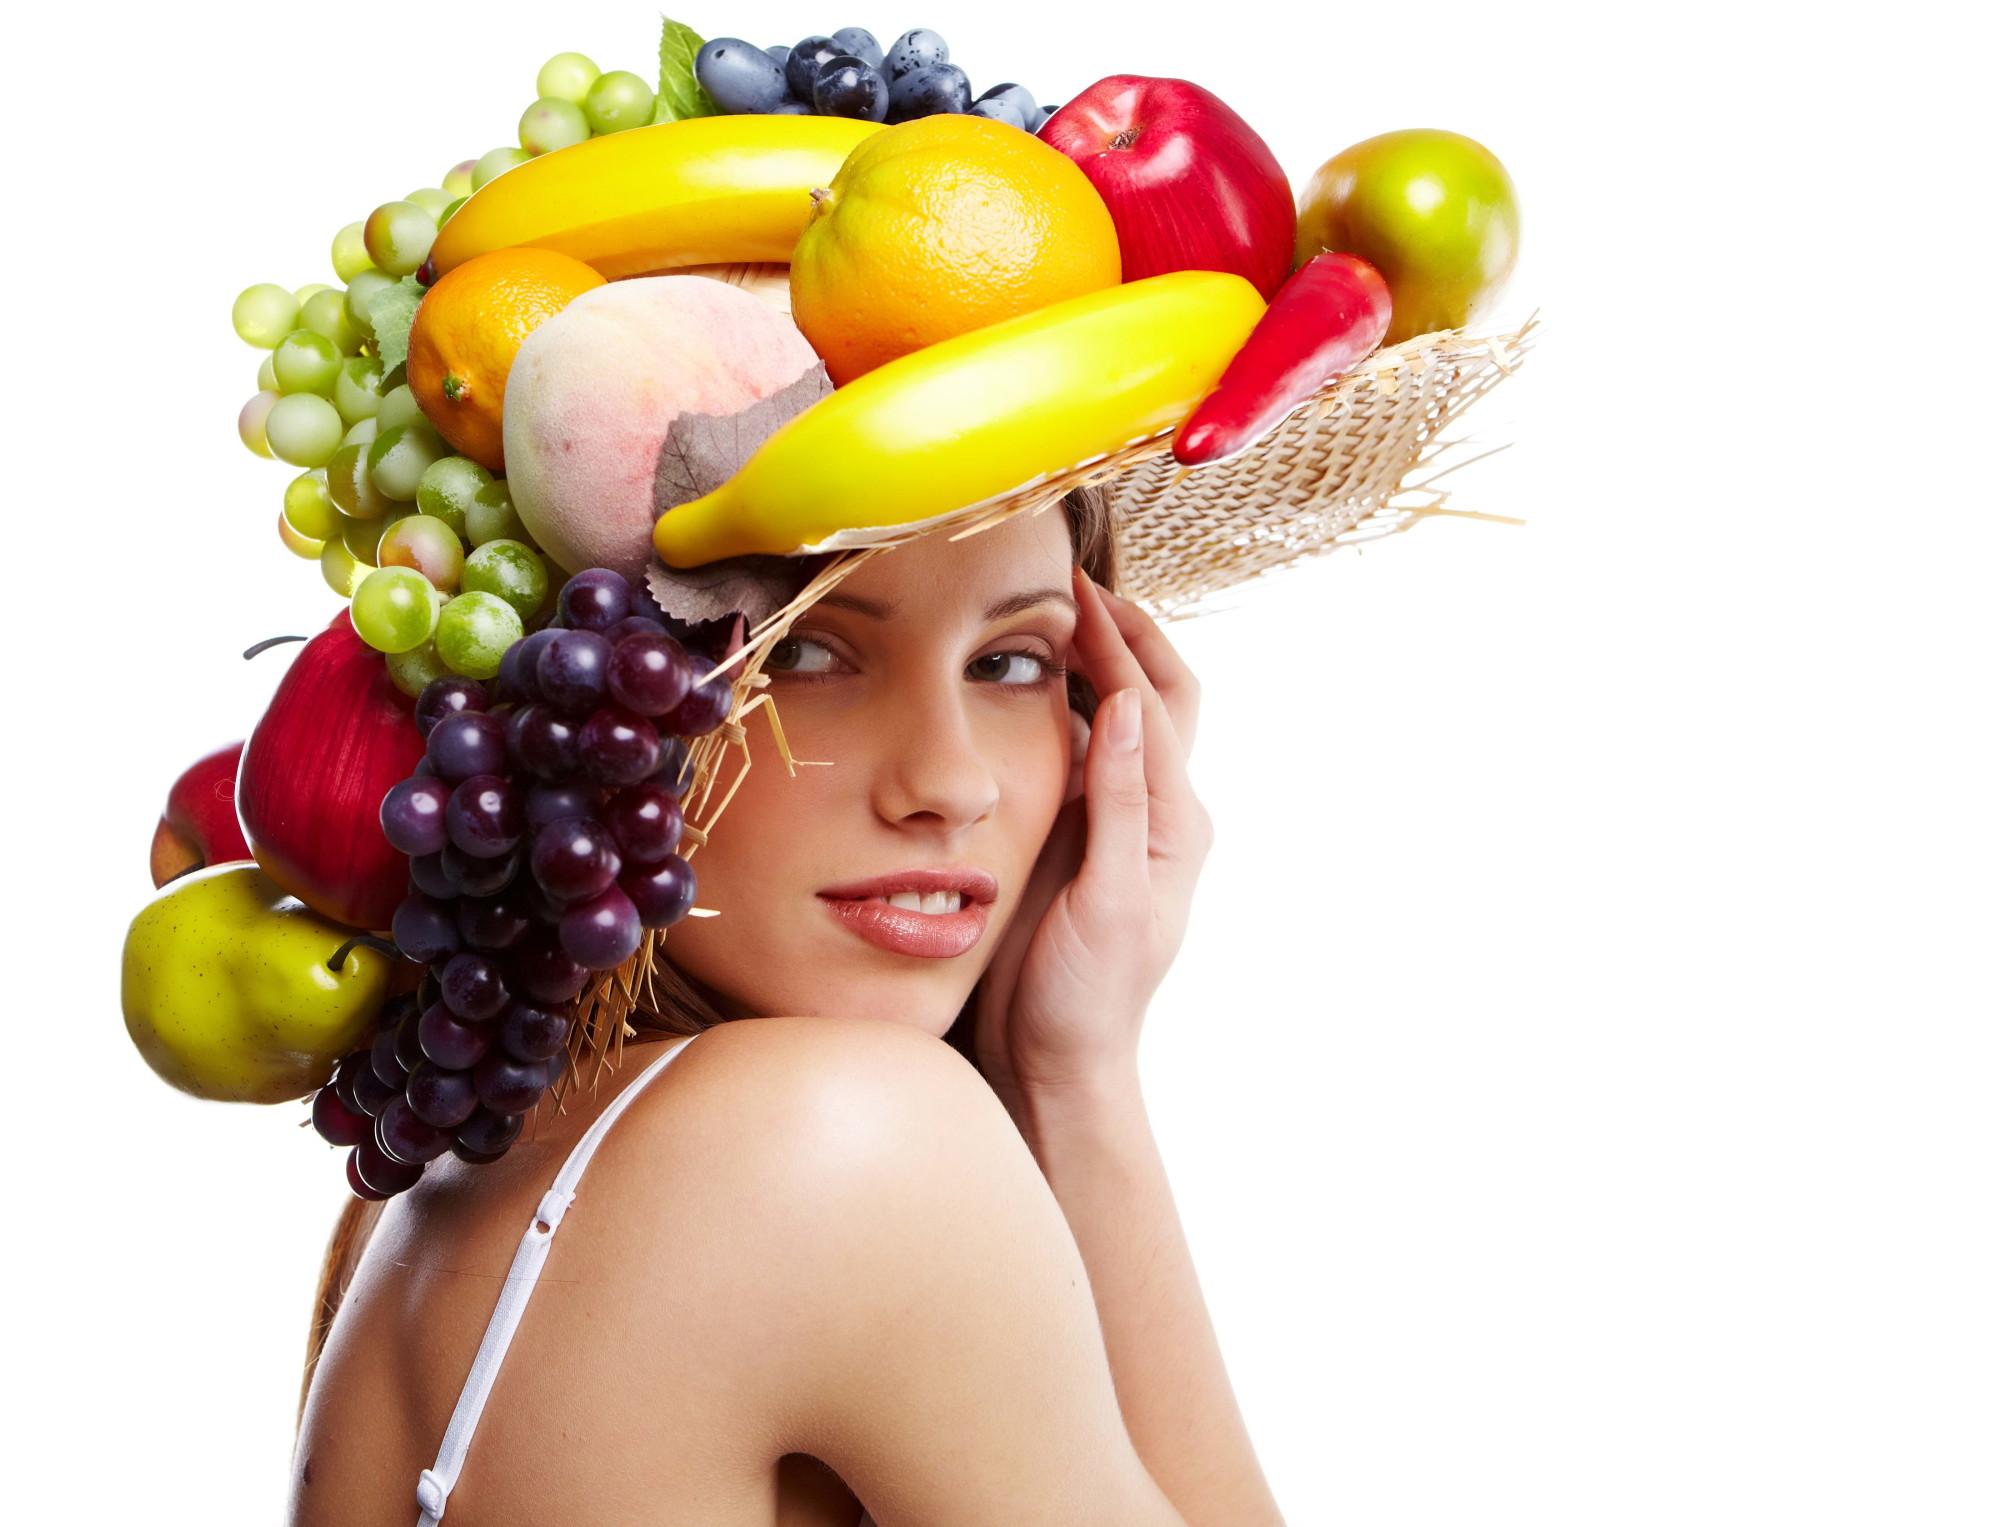 Щелочная диета для похудения меню на неделю отзывы